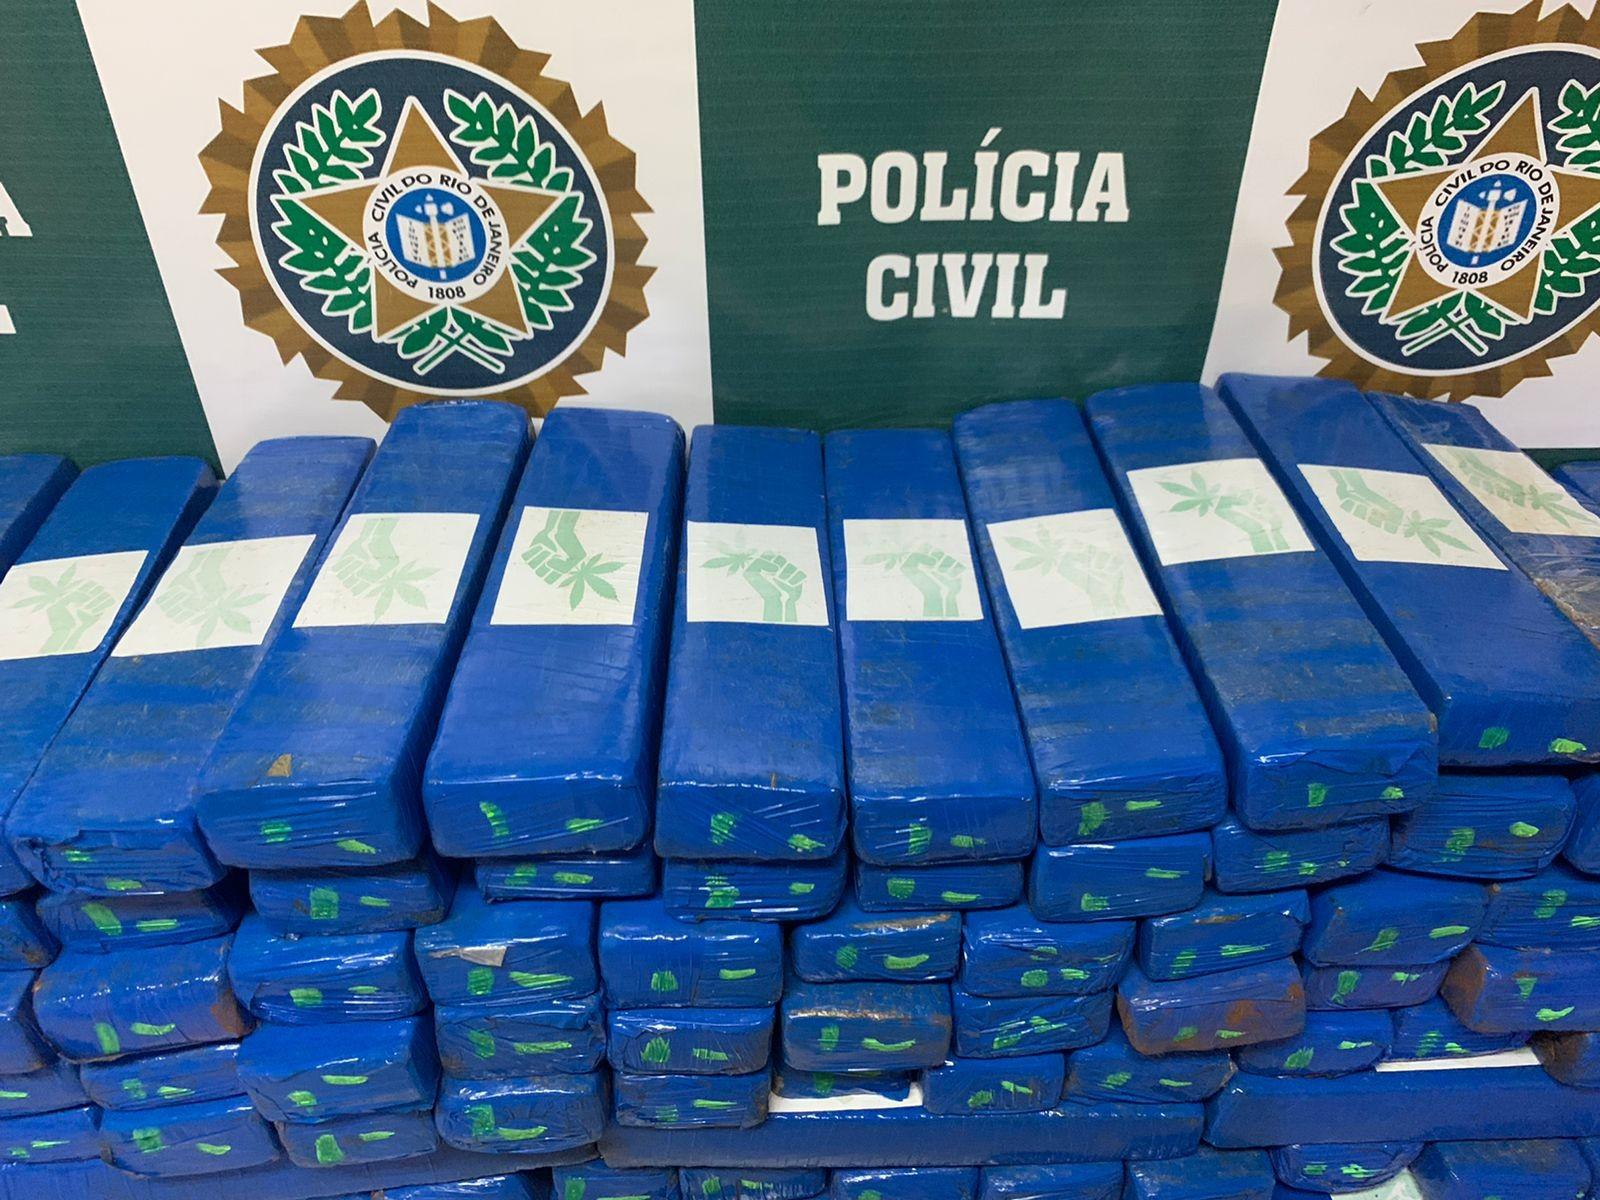 Polícia Civil apreende 200 kg de maconha na Zona Norte do Rio